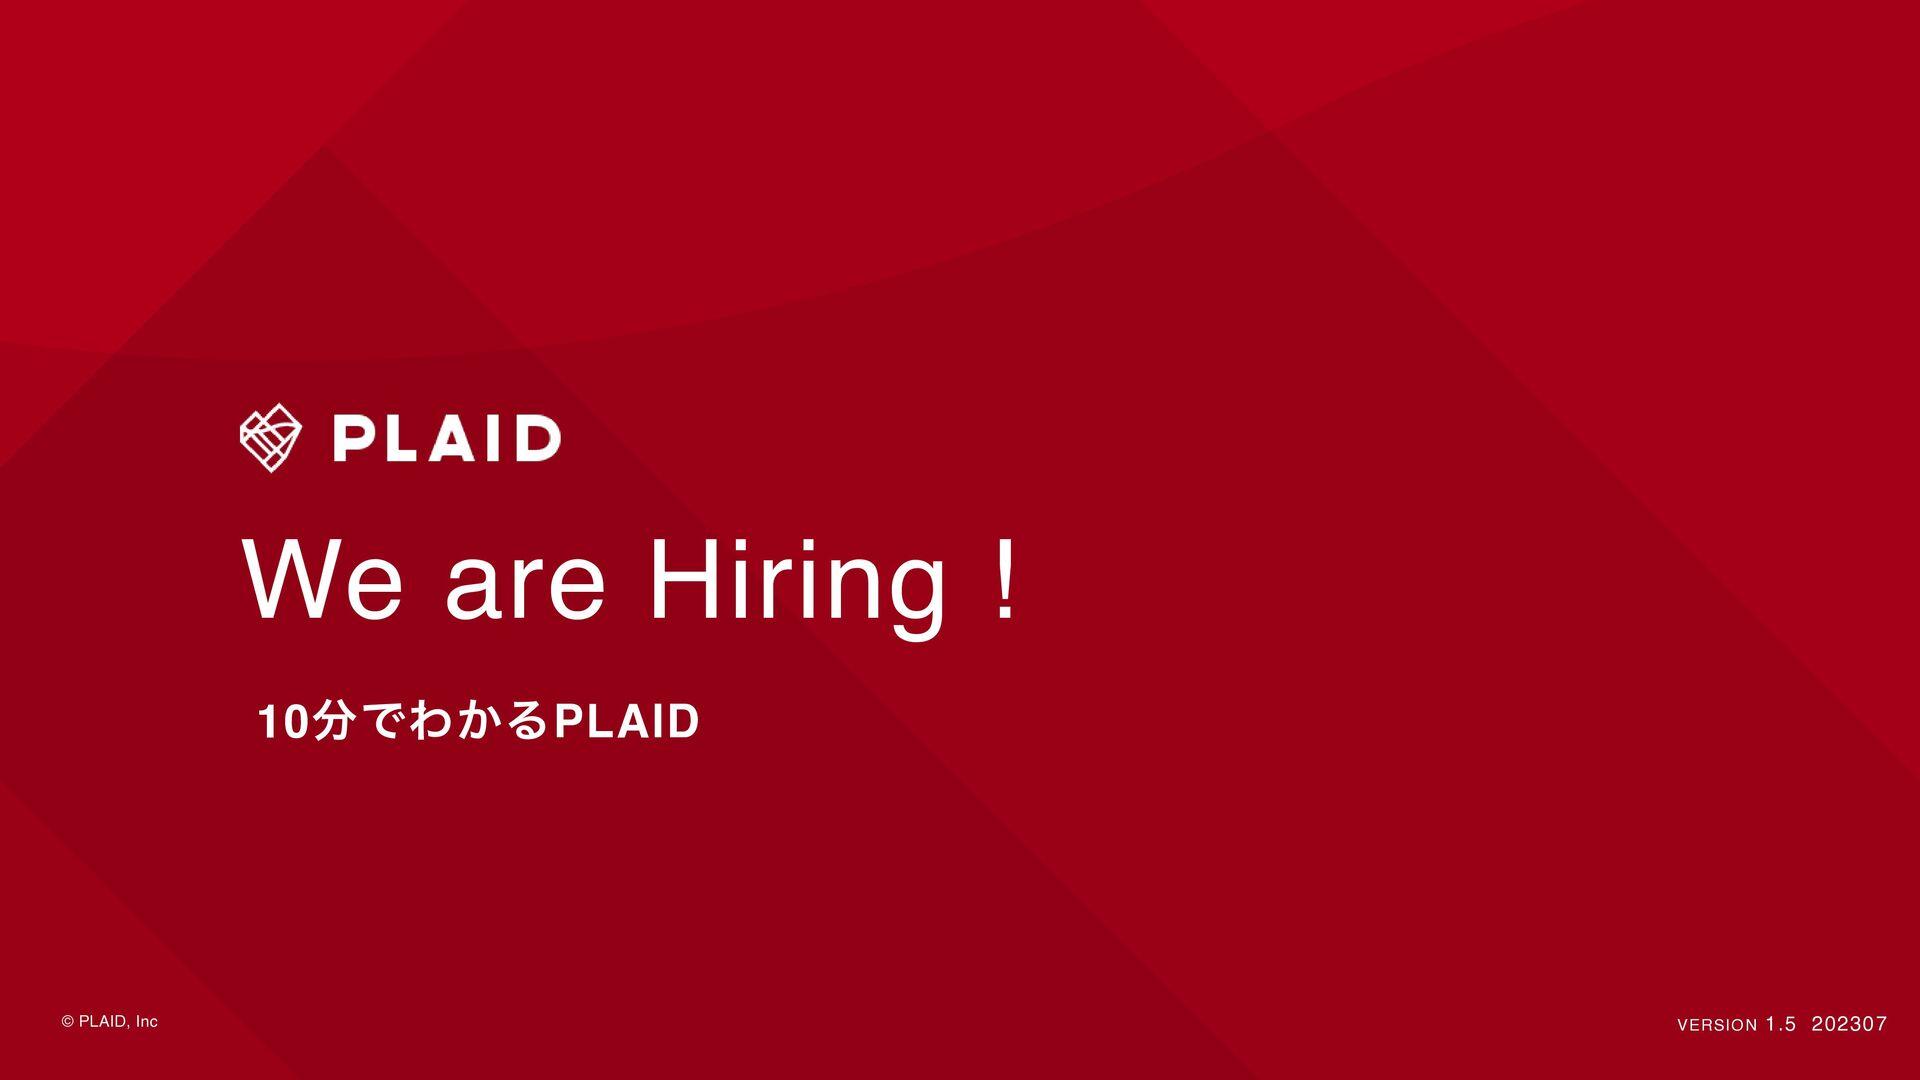 プレイド採用情報 / PLAID Recruit